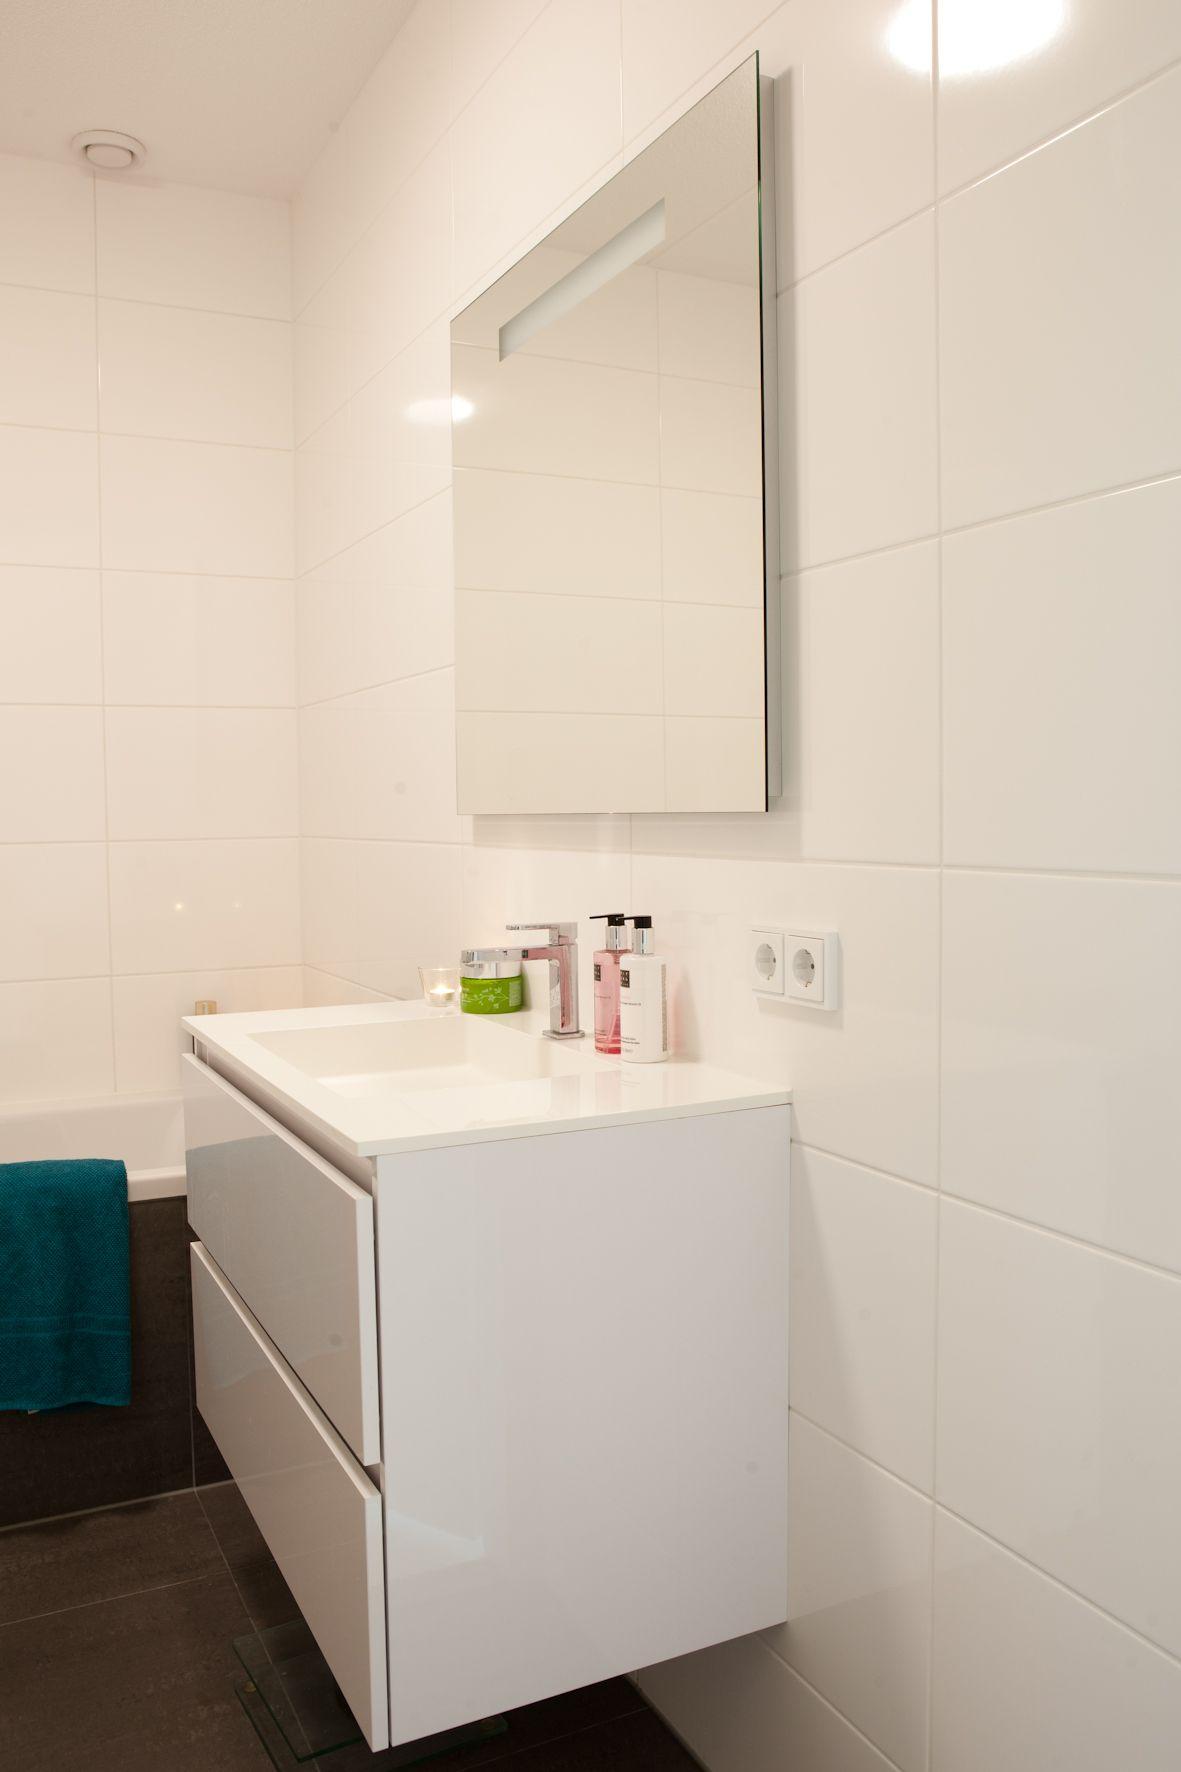 Nieuwbouwwoning: interieurinspiratie witte badkamer, wastafel. Licht ...